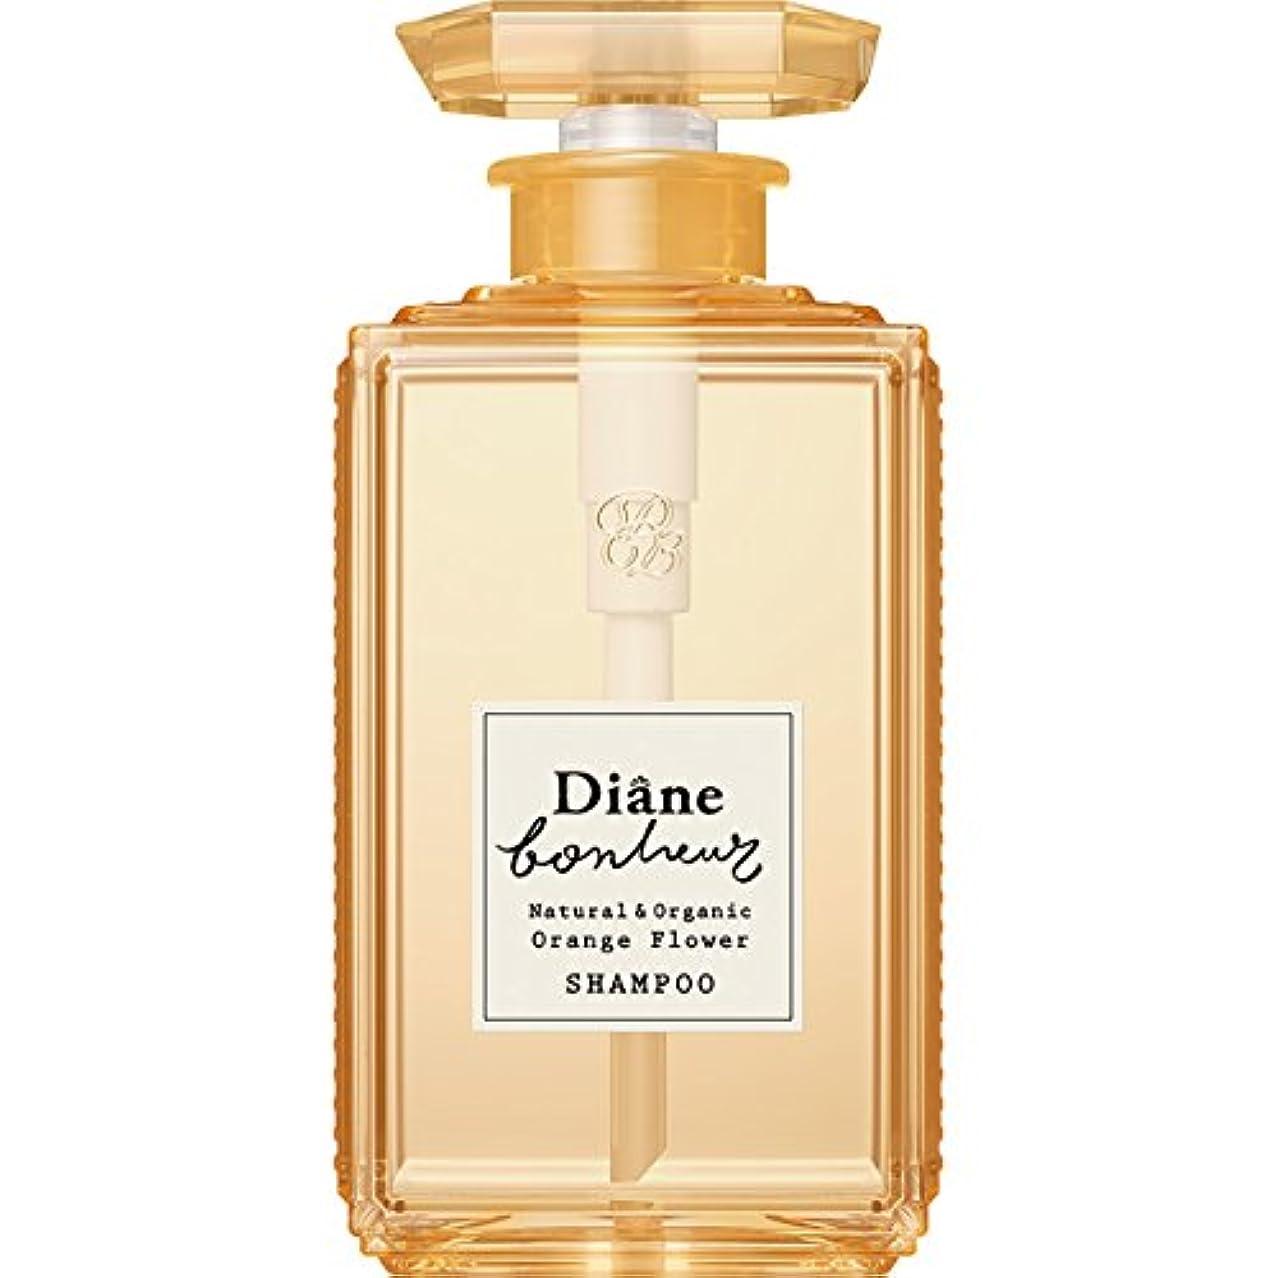 土気分良性ダイアン ボヌール オレンジフラワーの香り モイストリラックス シャンプー 500ml